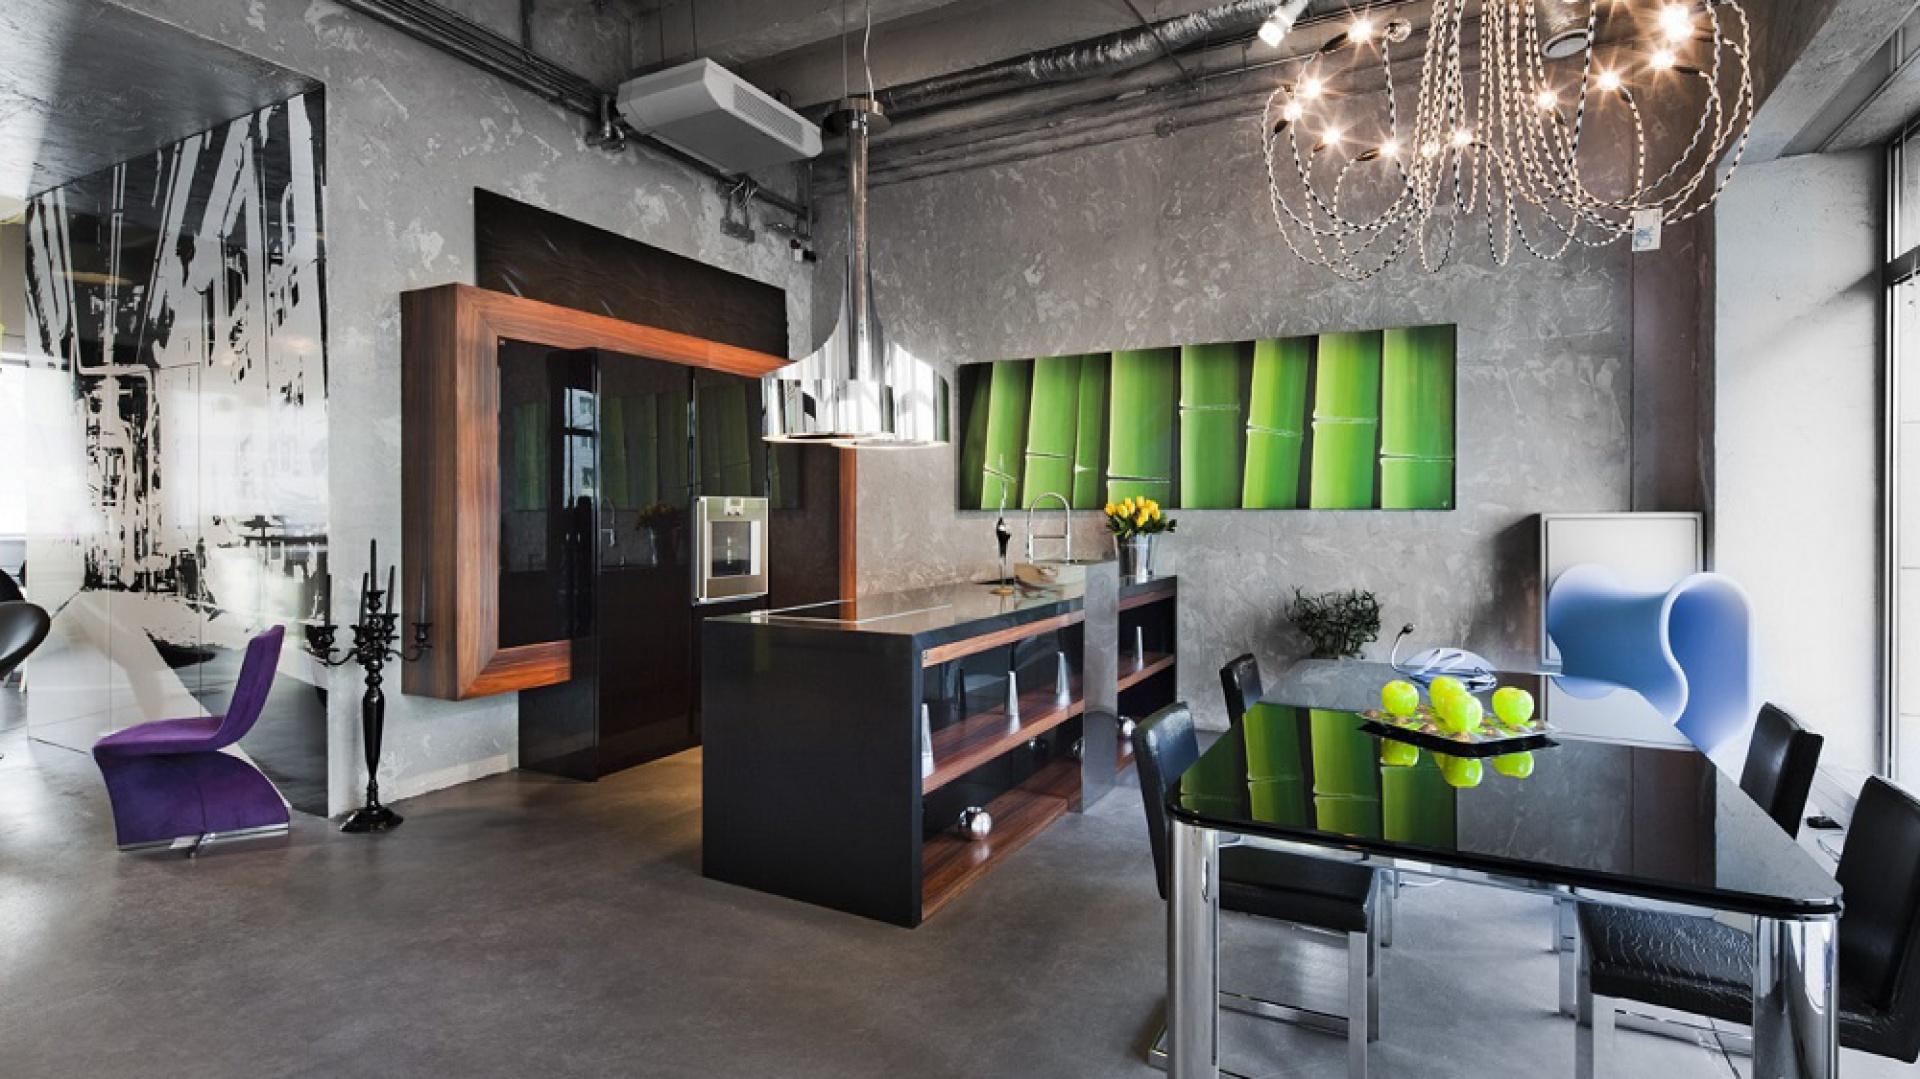 Plan Wnętrza to projekt stworzony dla architektów i projektantów wnętrz. Fot. Plan Wnętrza